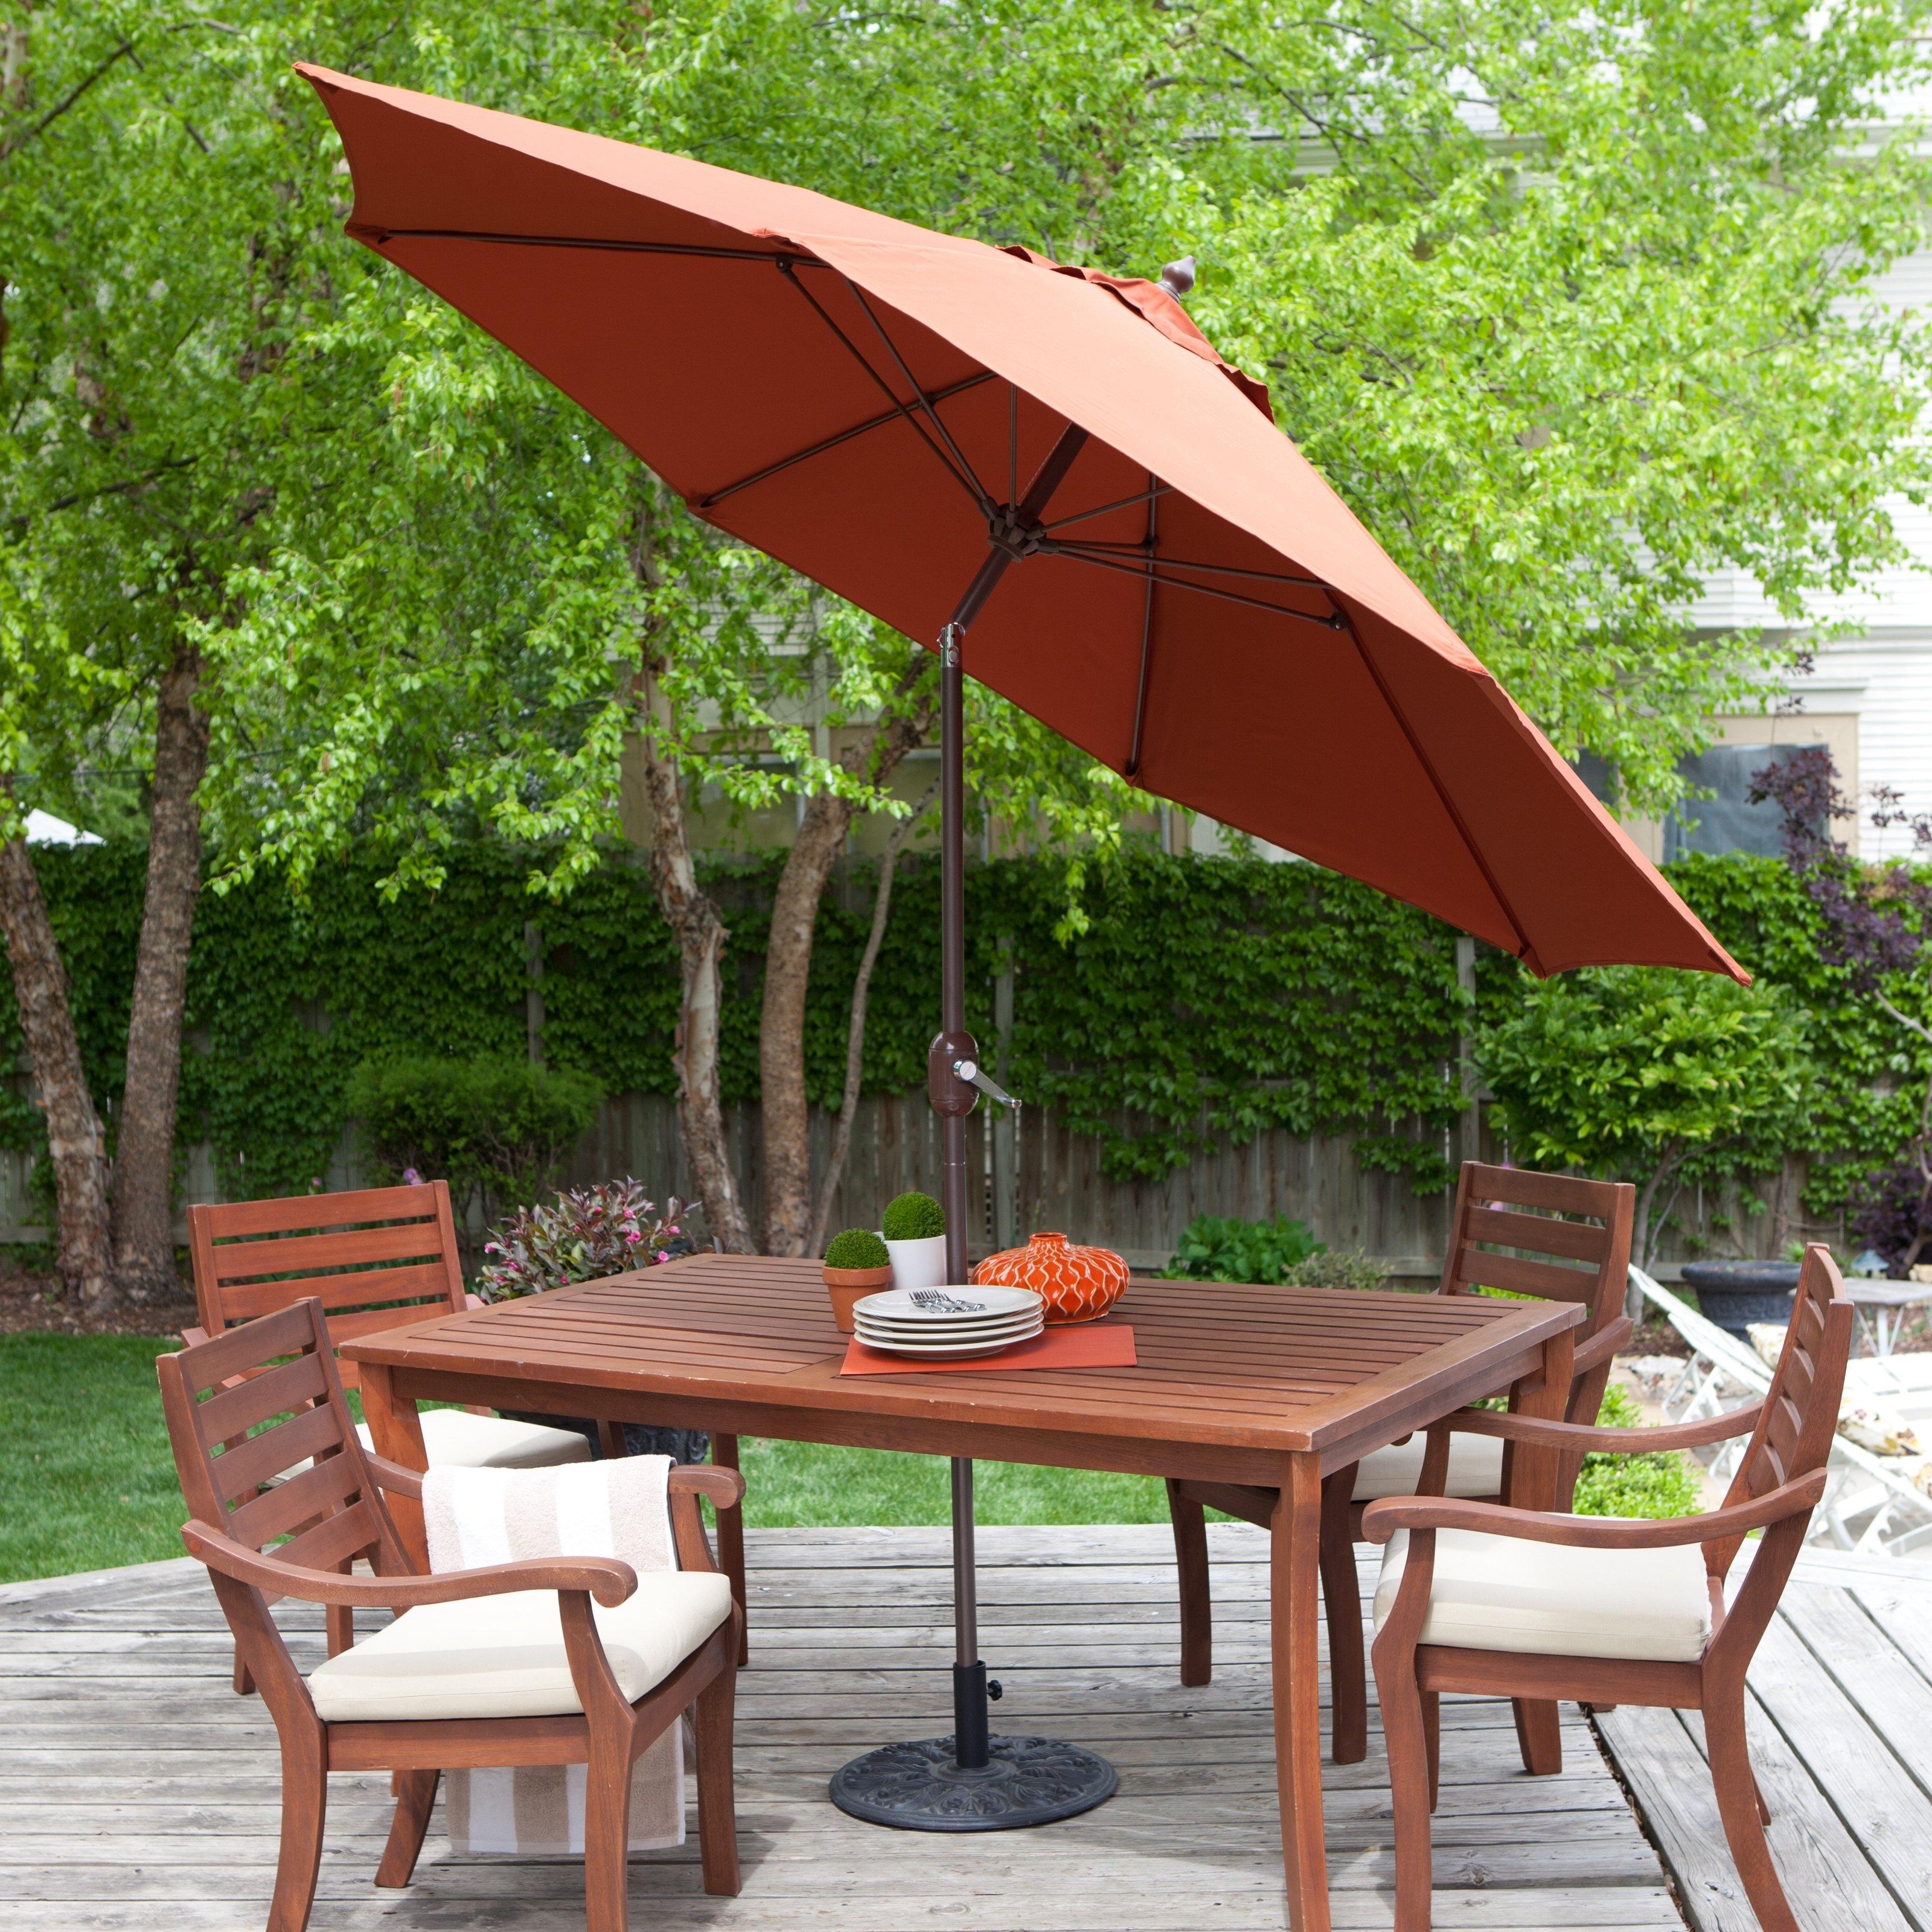 Galtech Sunbrella 11 Ft. Maximum Shade Deluxe Aluminum Auto Tilt In Popular Patio Umbrellas With Sunbrella Fabric (Gallery 14 of 20)